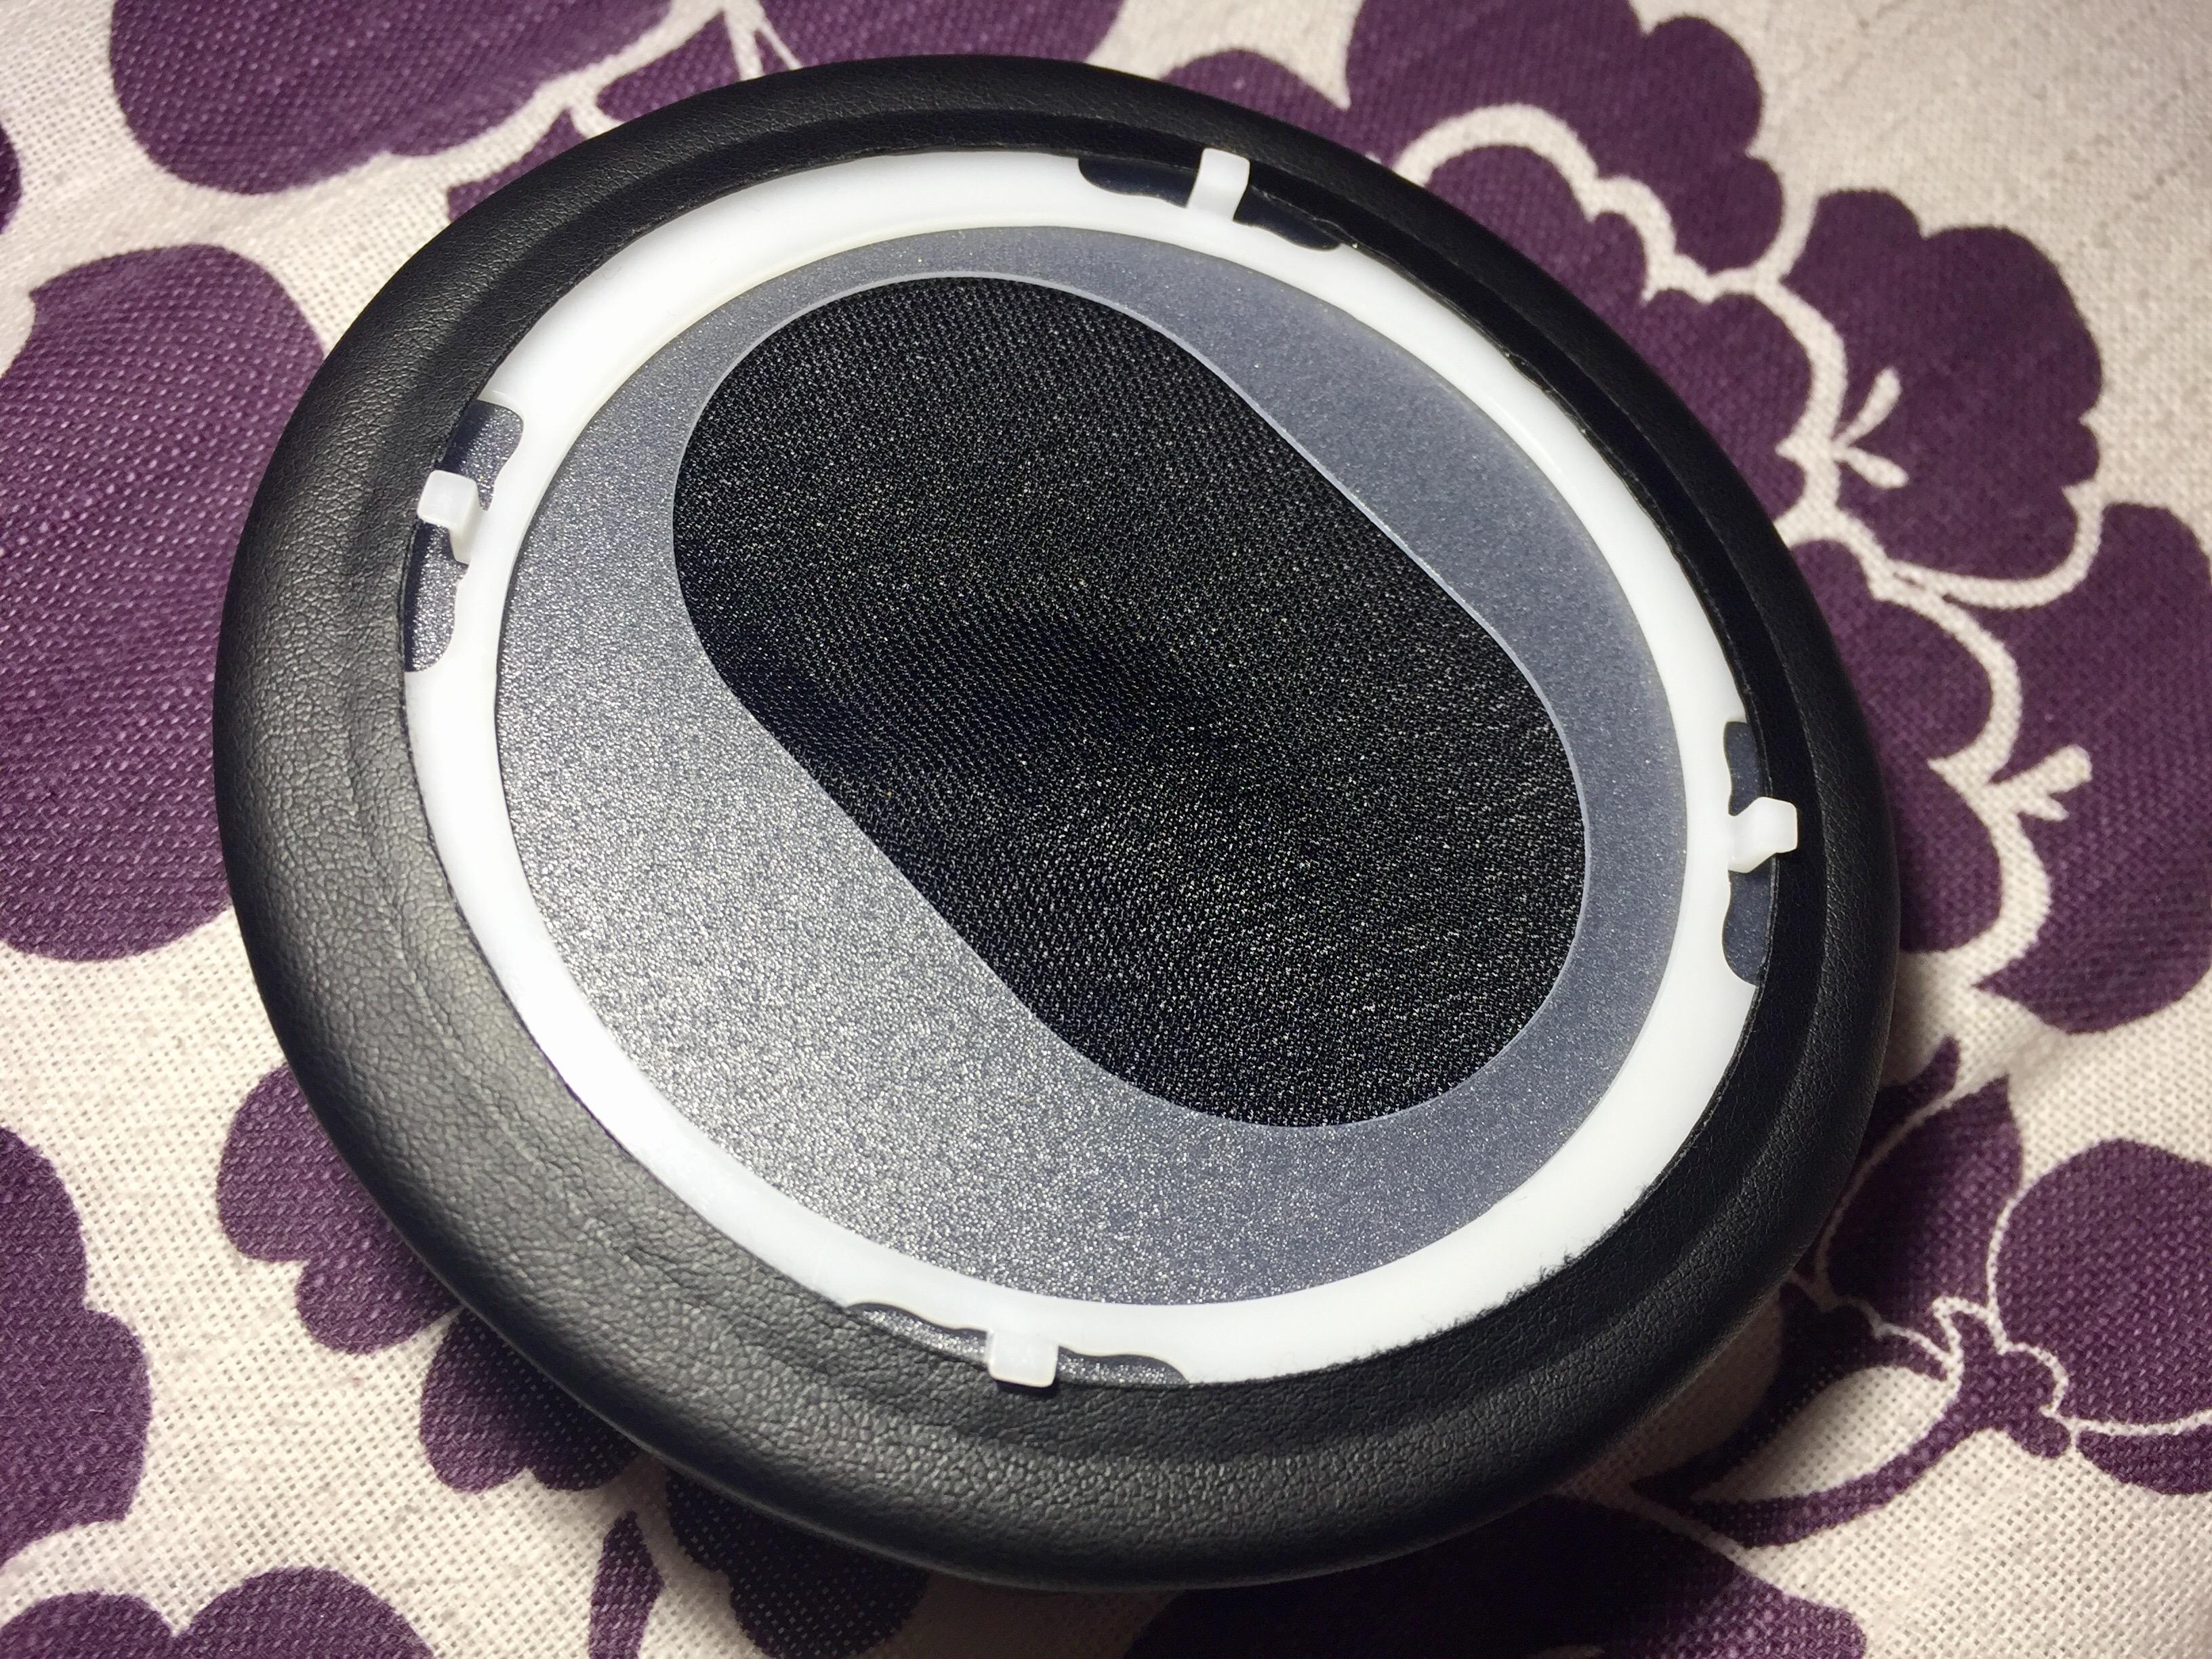 Review: Dekoni Audio Massdrop x Fostex TH-X00 Premium